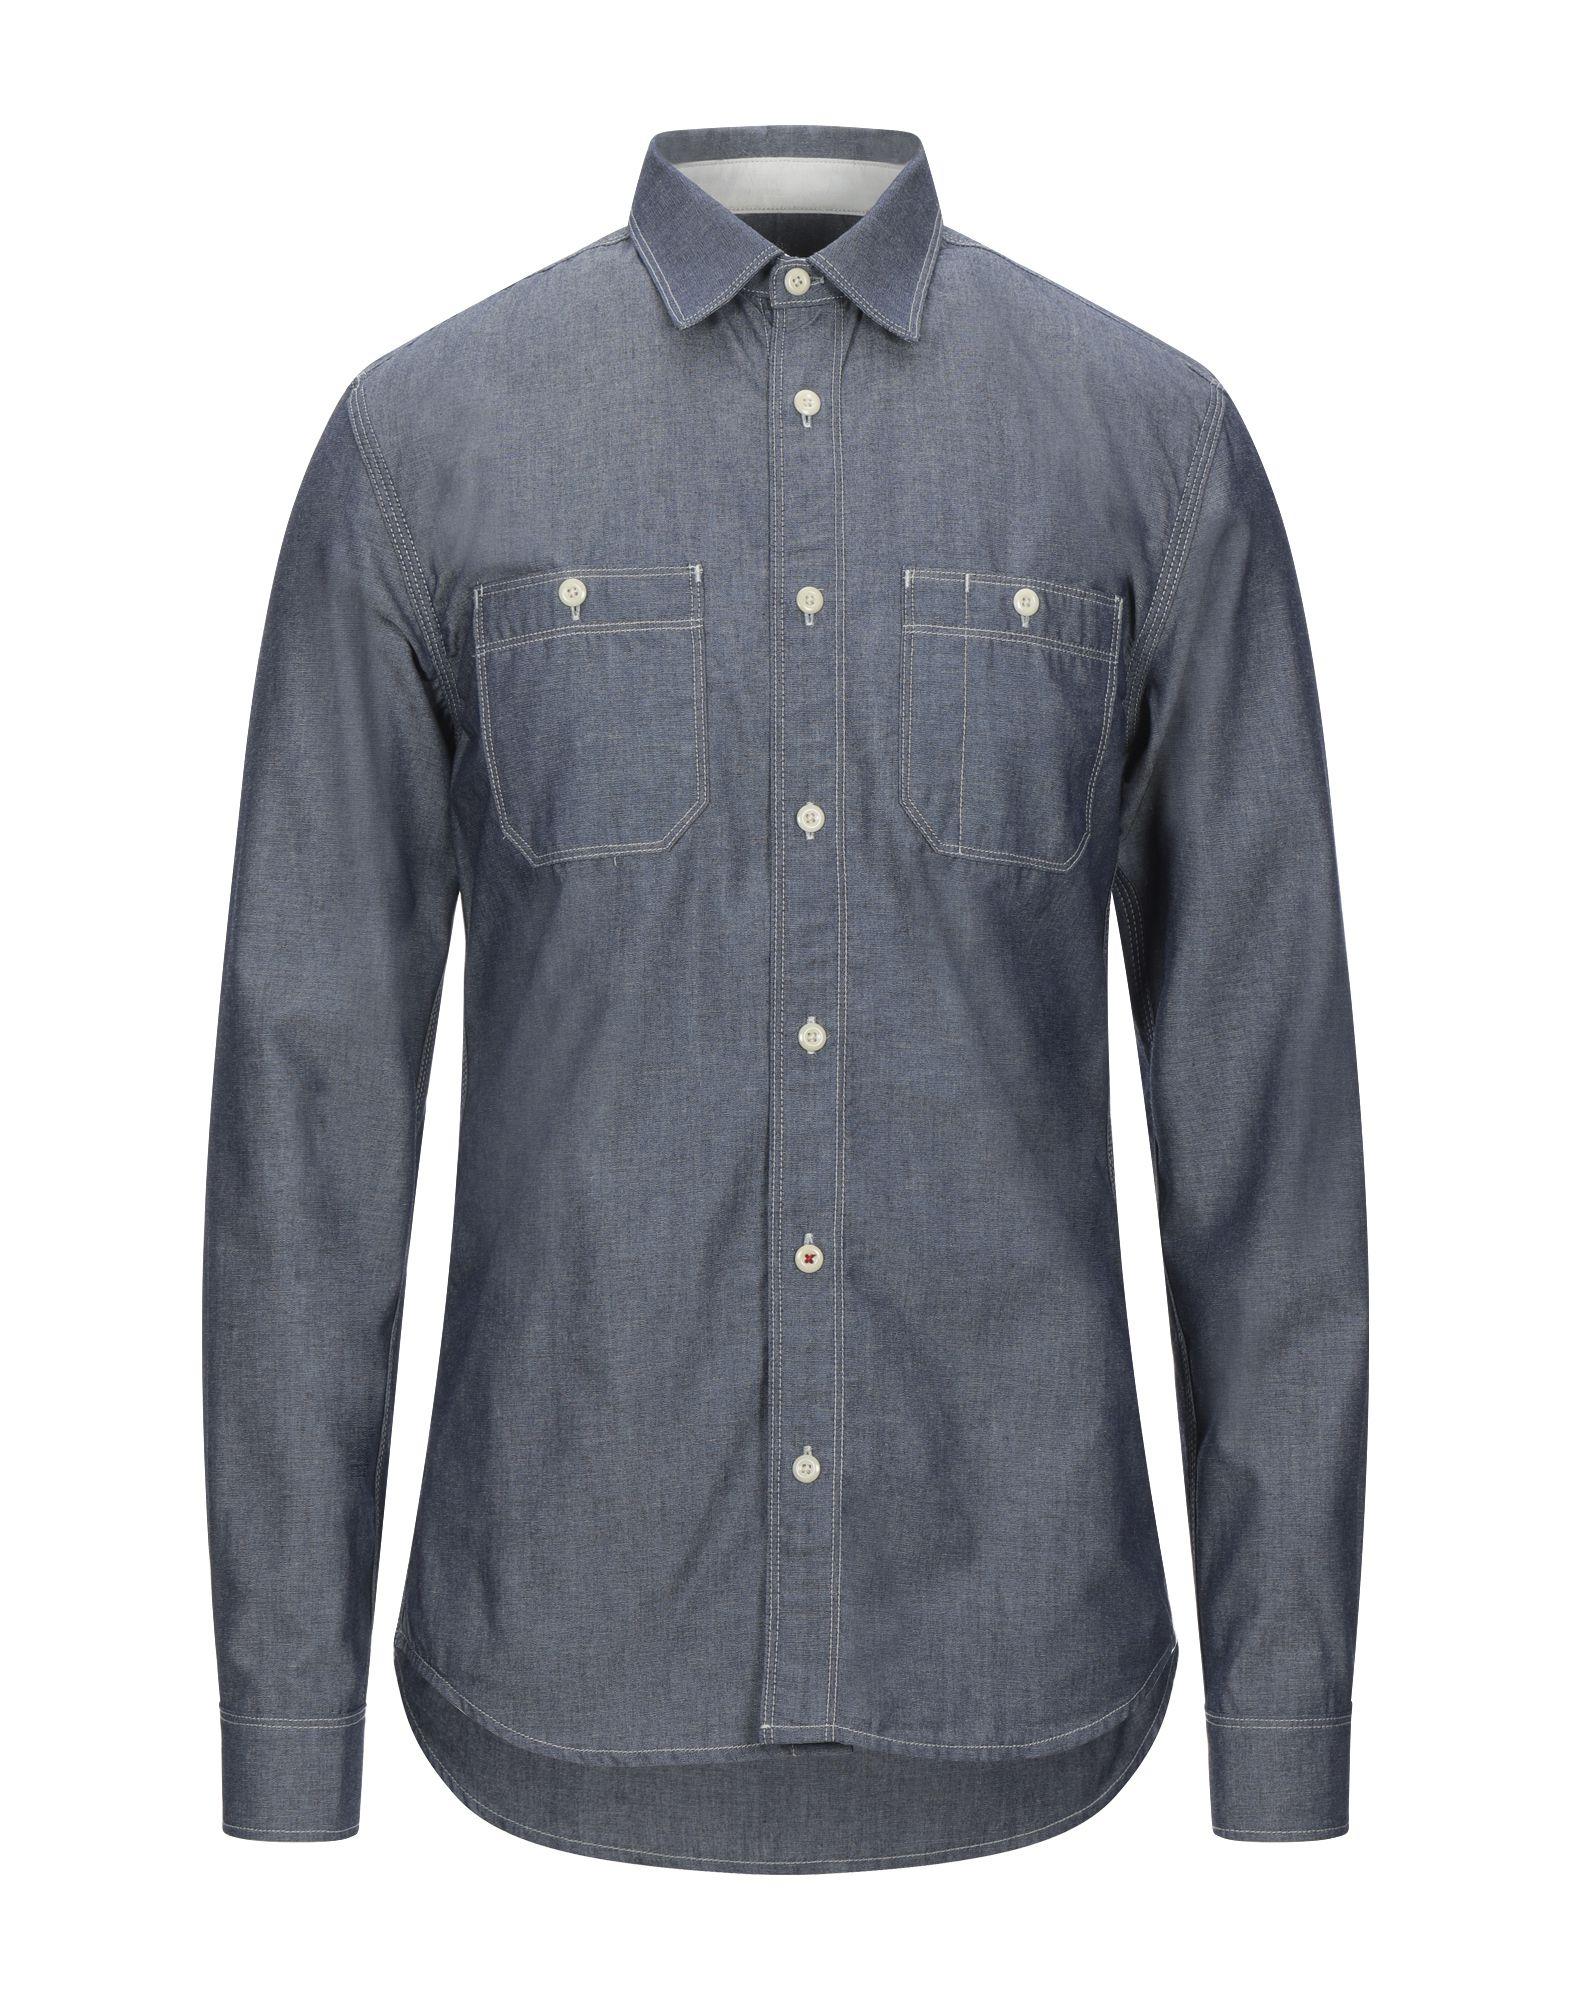 R.D.D. ROYAL DENIM DIVISION BY JACK & JONES Джинсовая рубашка division minuscula mexico